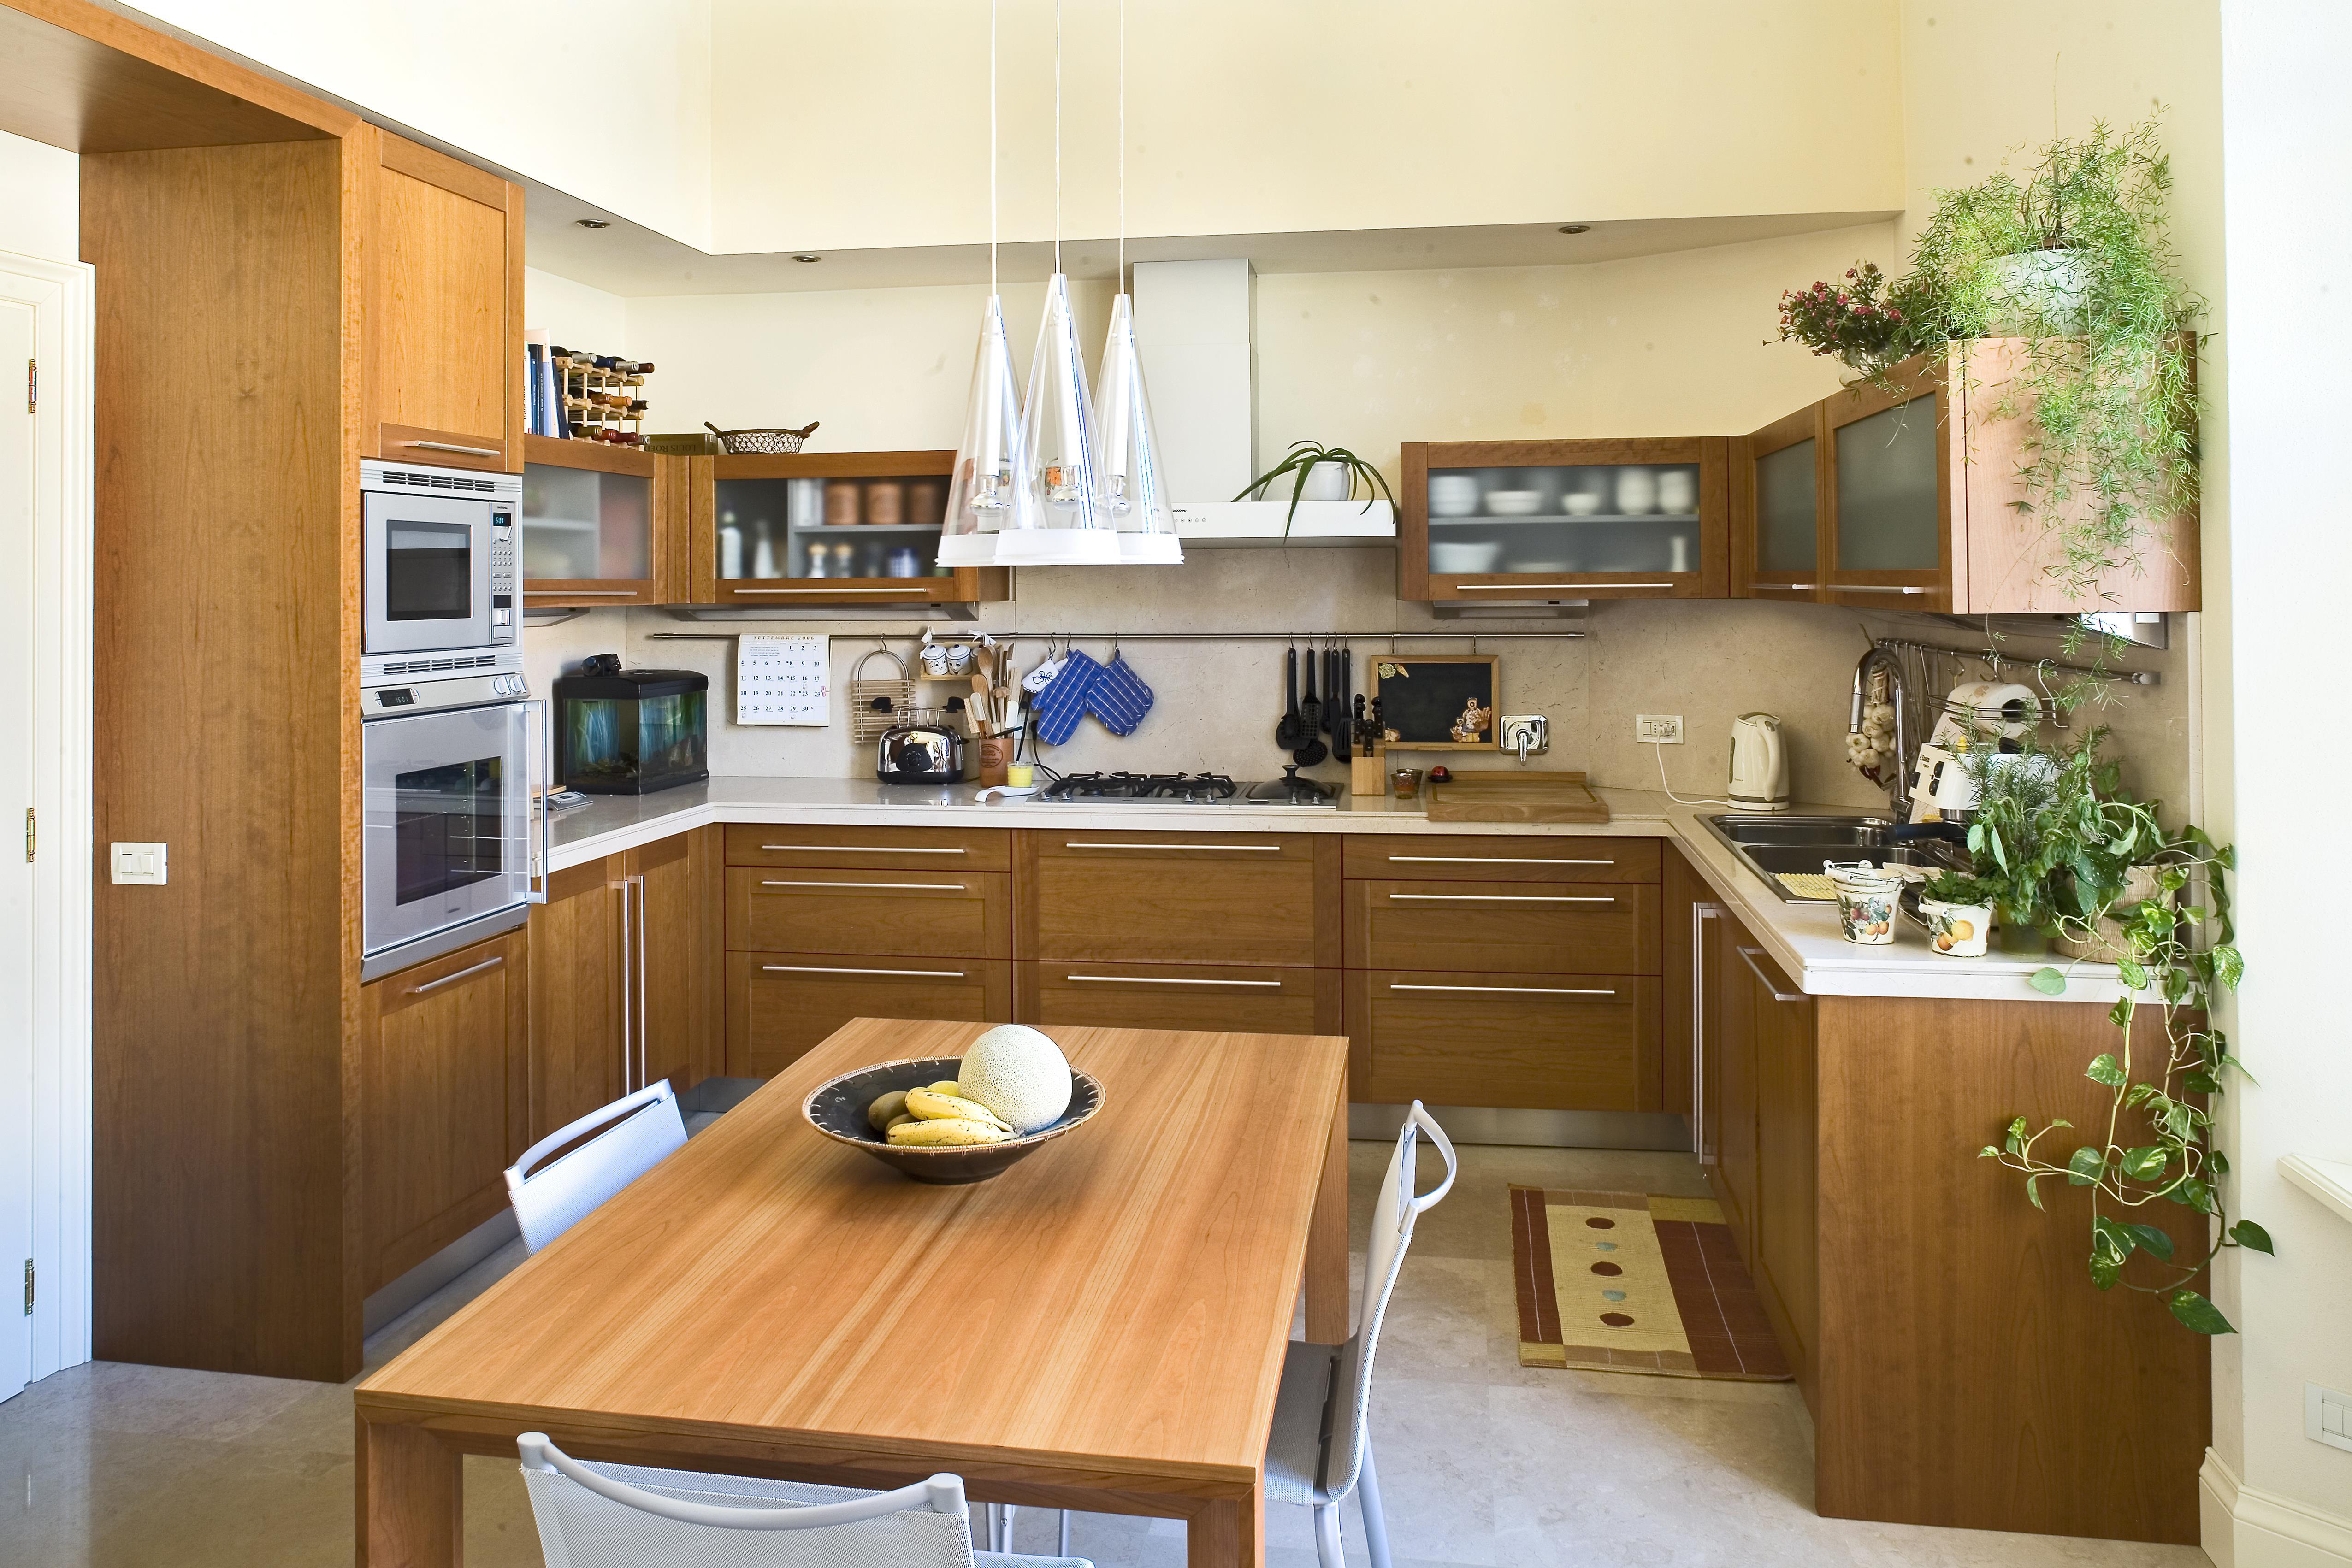 32_cucina stile classico con basi pensili e colenne in rovere ...